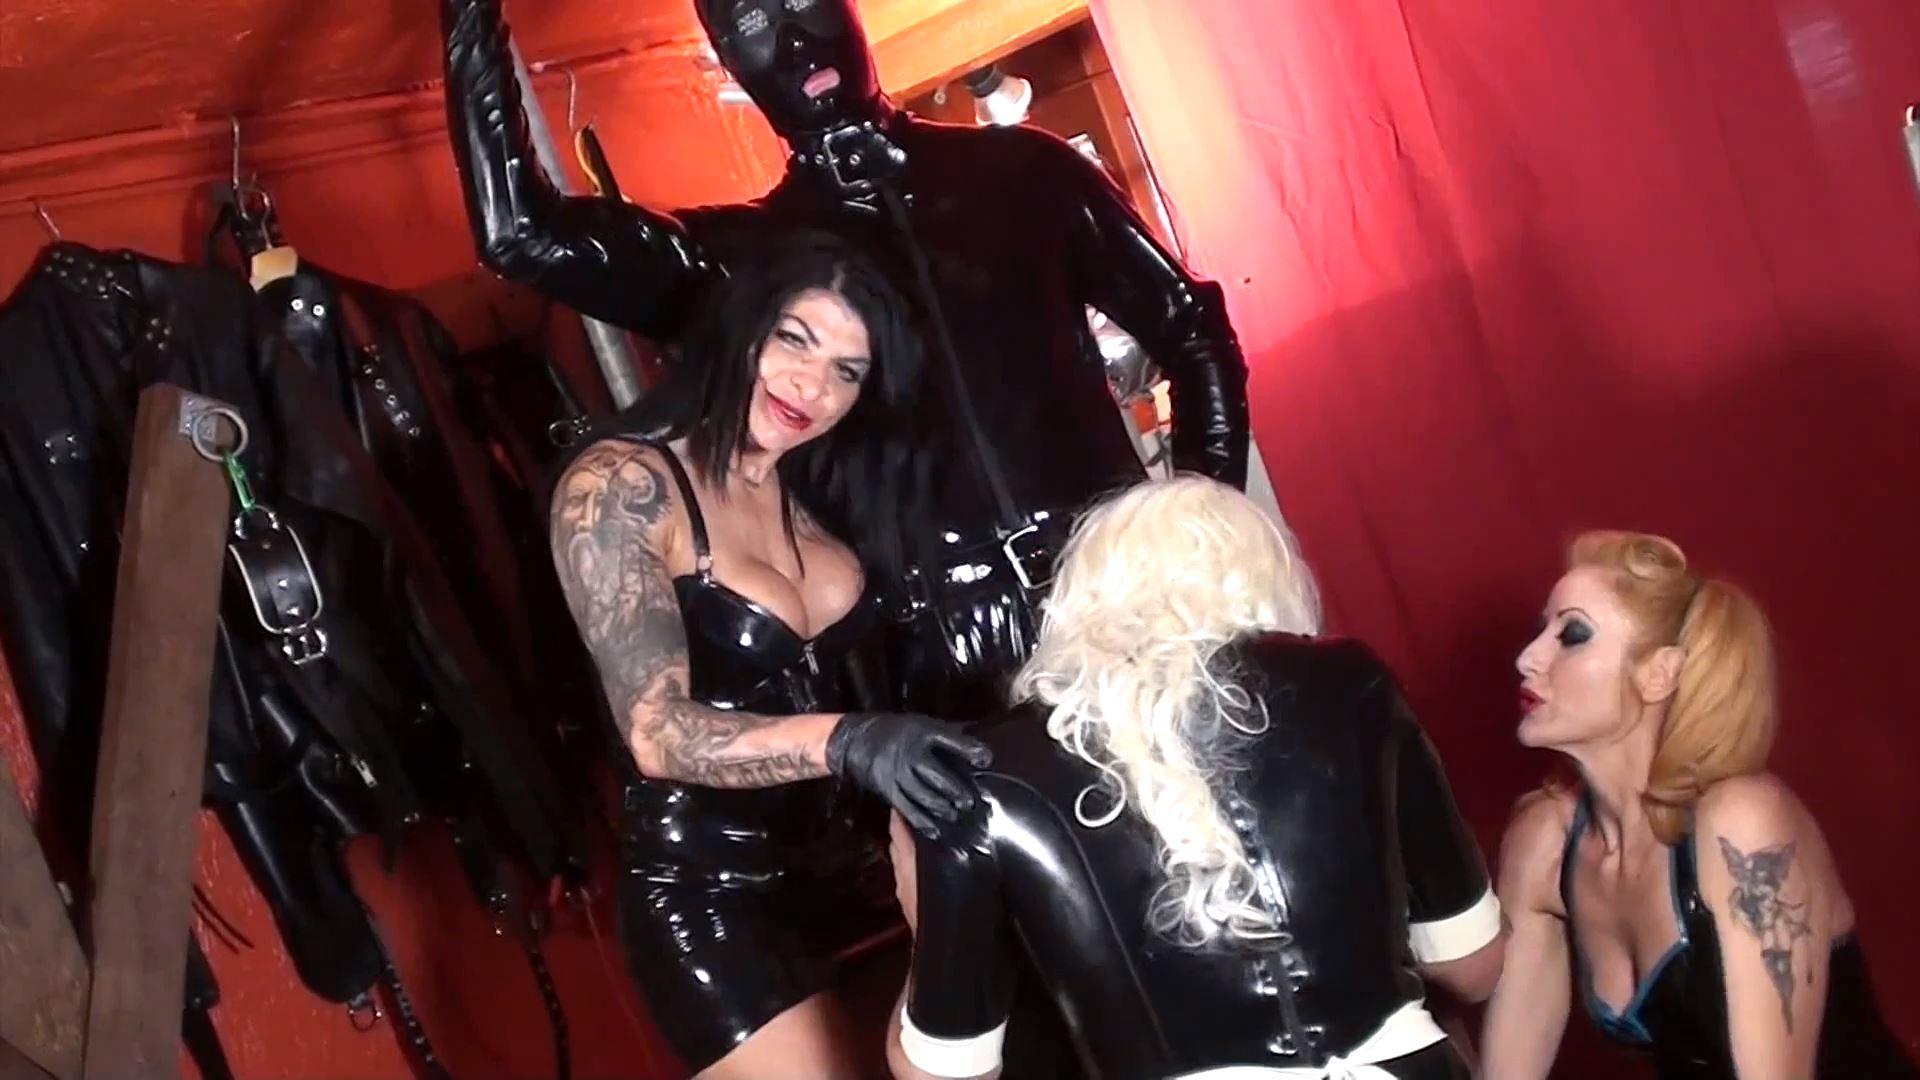 Mistress Dometria In Scene: Rubber Gimp Fucks The Maid - MISTRESS DOMETRIA BDSM CLIPS / BRIGHTONDUNGEON - FULL HD/1080p/MP4